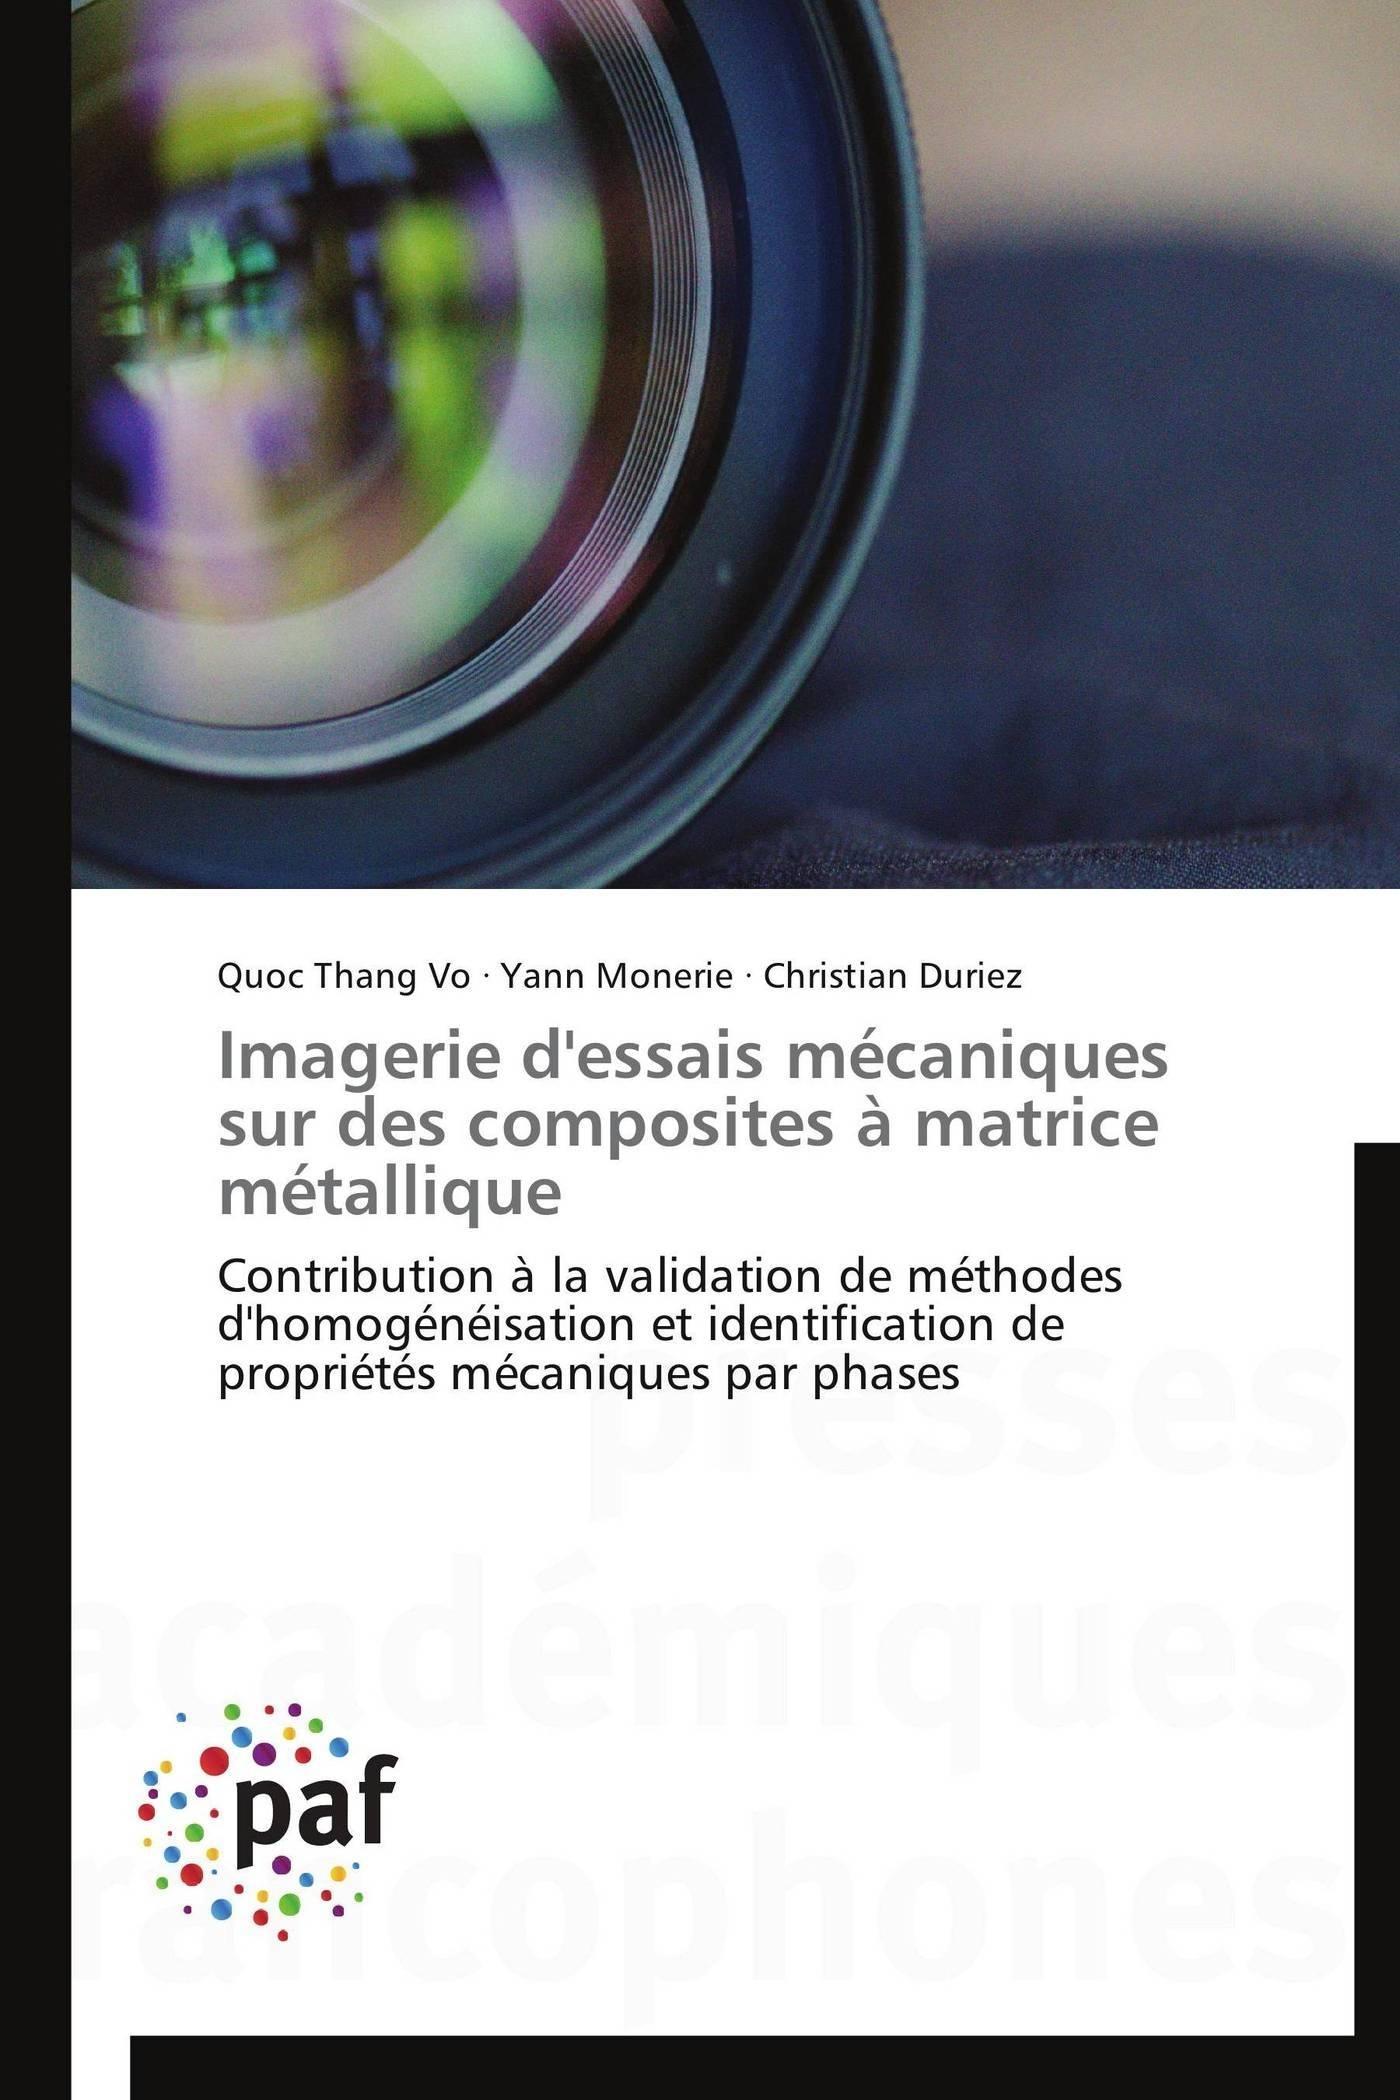 IMAGERIE D'ESSAIS MECANIQUES SUR DES COMPOSITES A MATRICE METALLIQUE